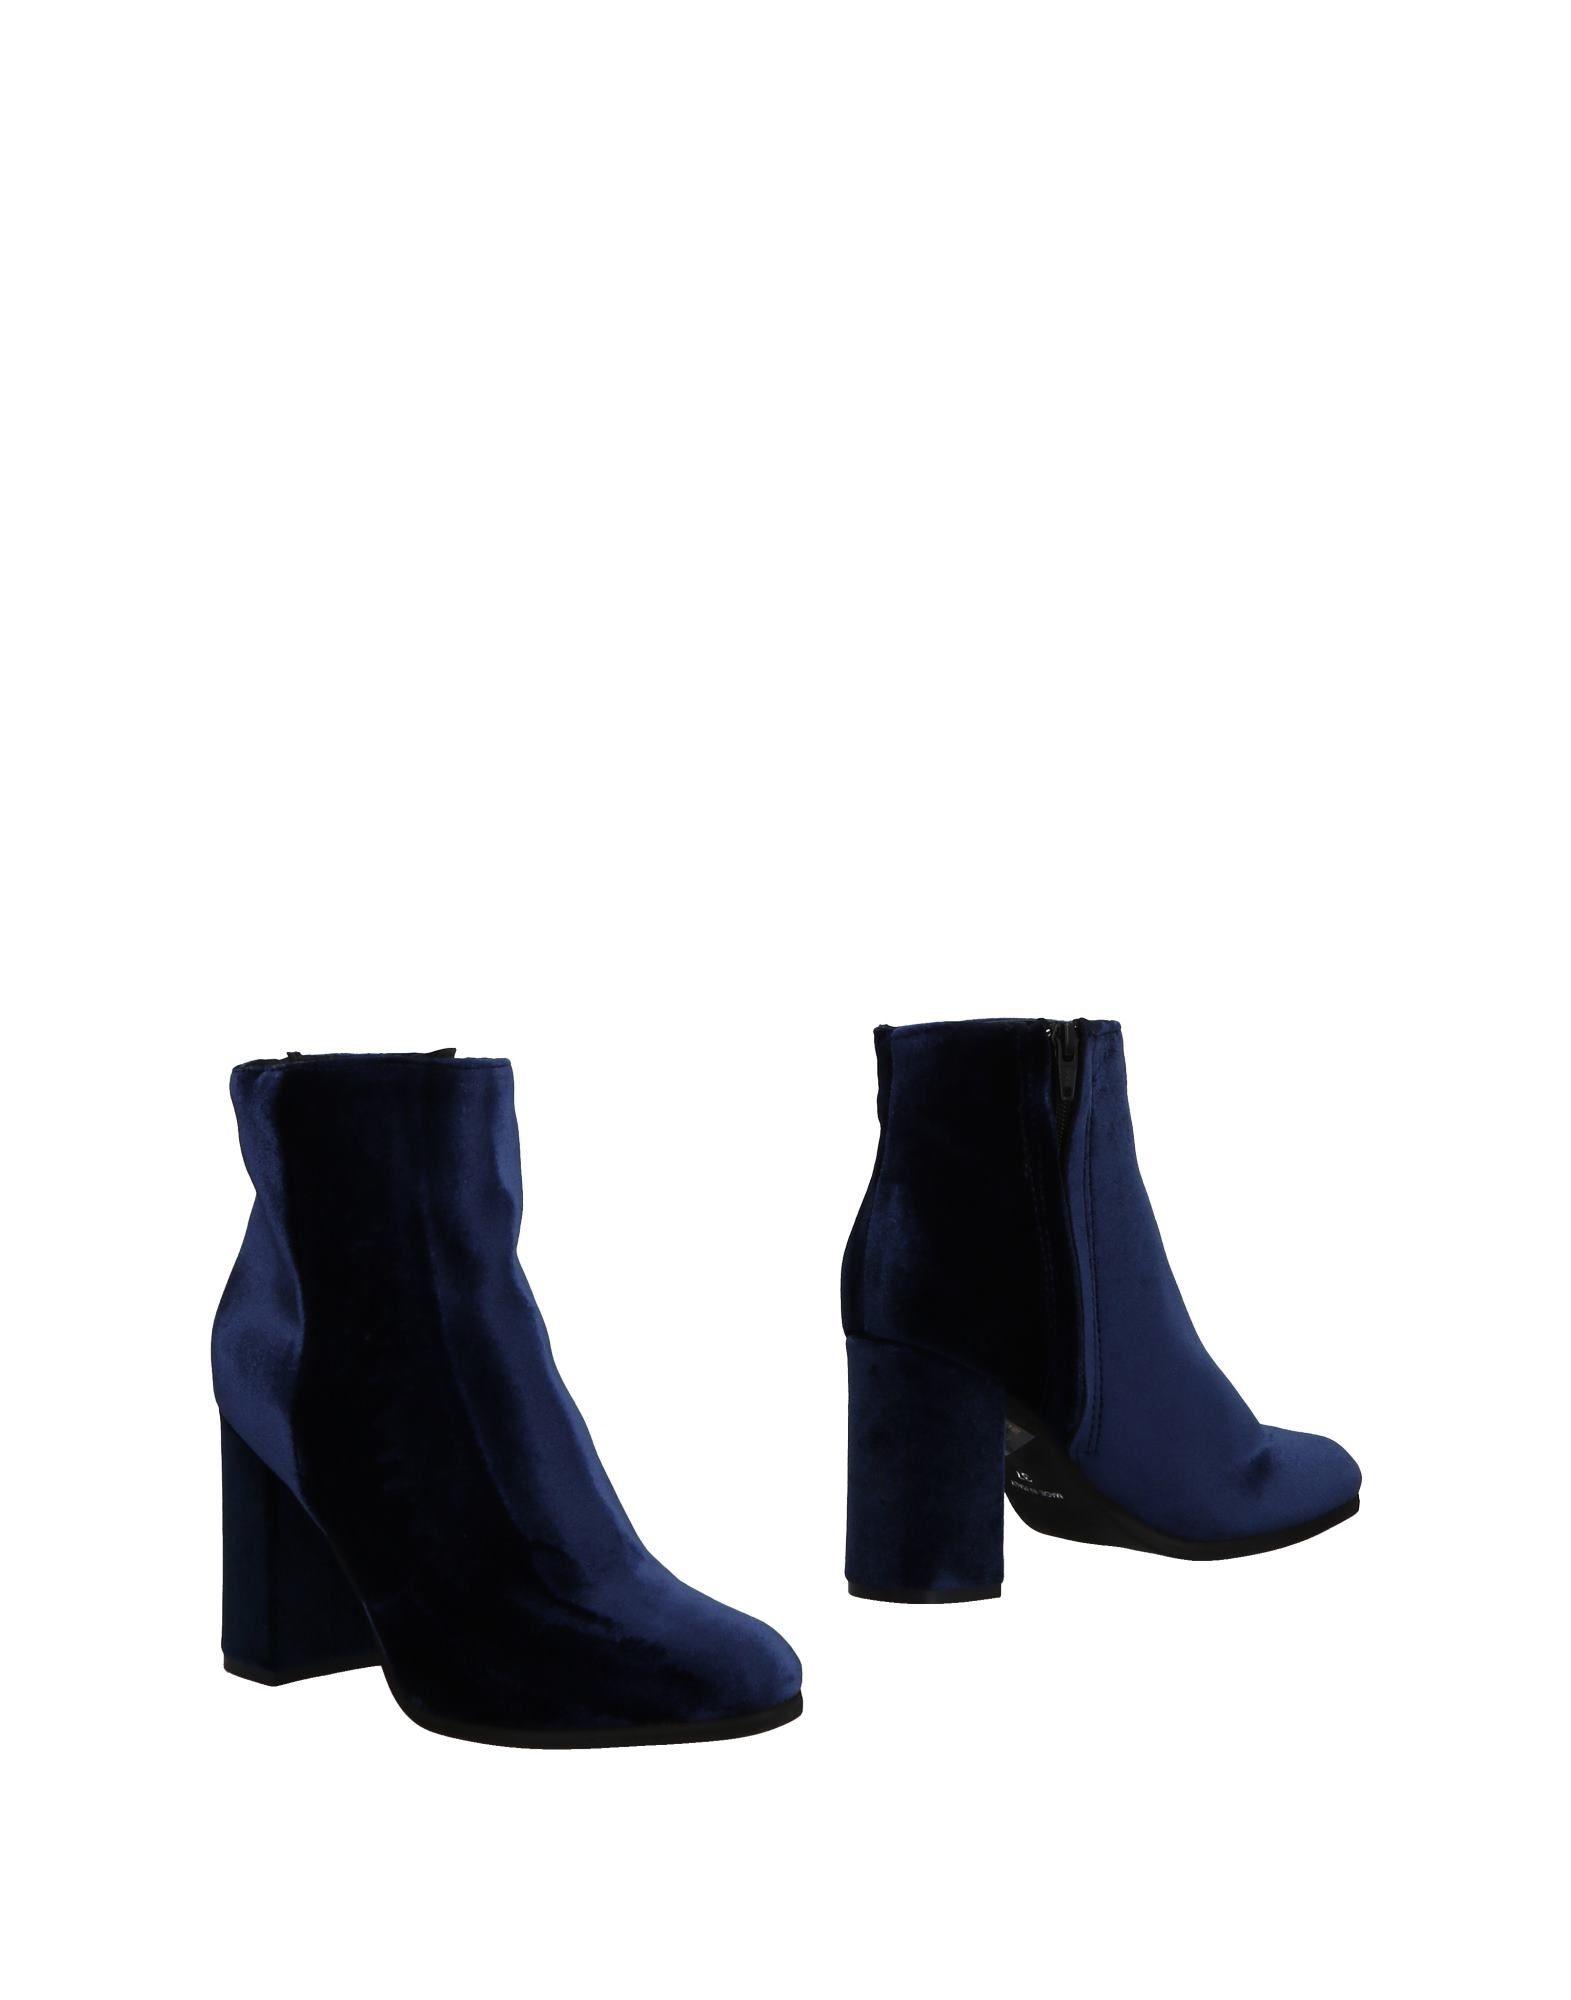 Silvian Heach Stiefelette Damen  11498855AB Gute Qualität beliebte Schuhe